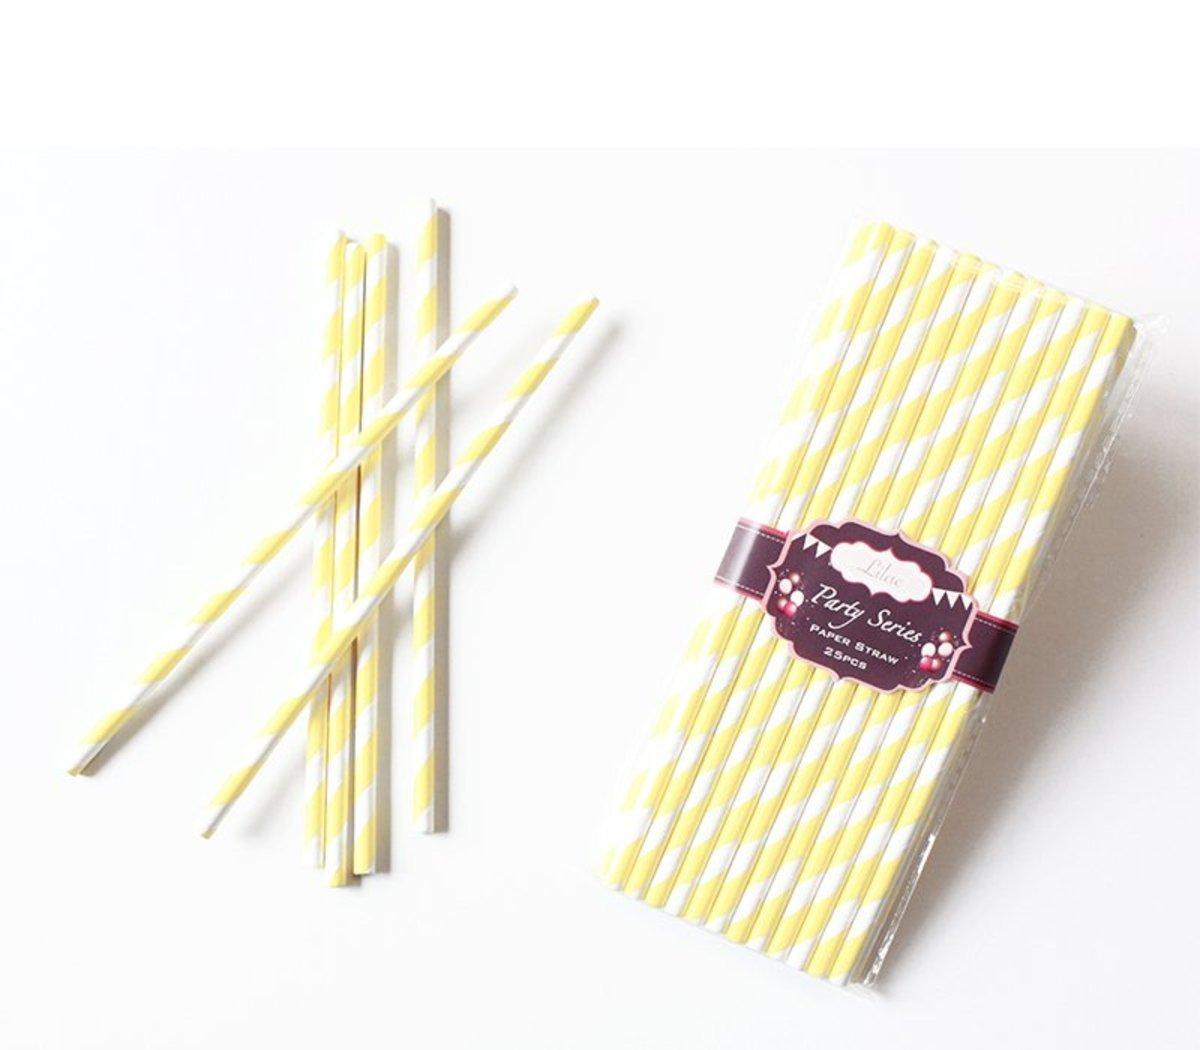 繽紛紙吸管 (淺黃色斜紋) 50pcs/PACK